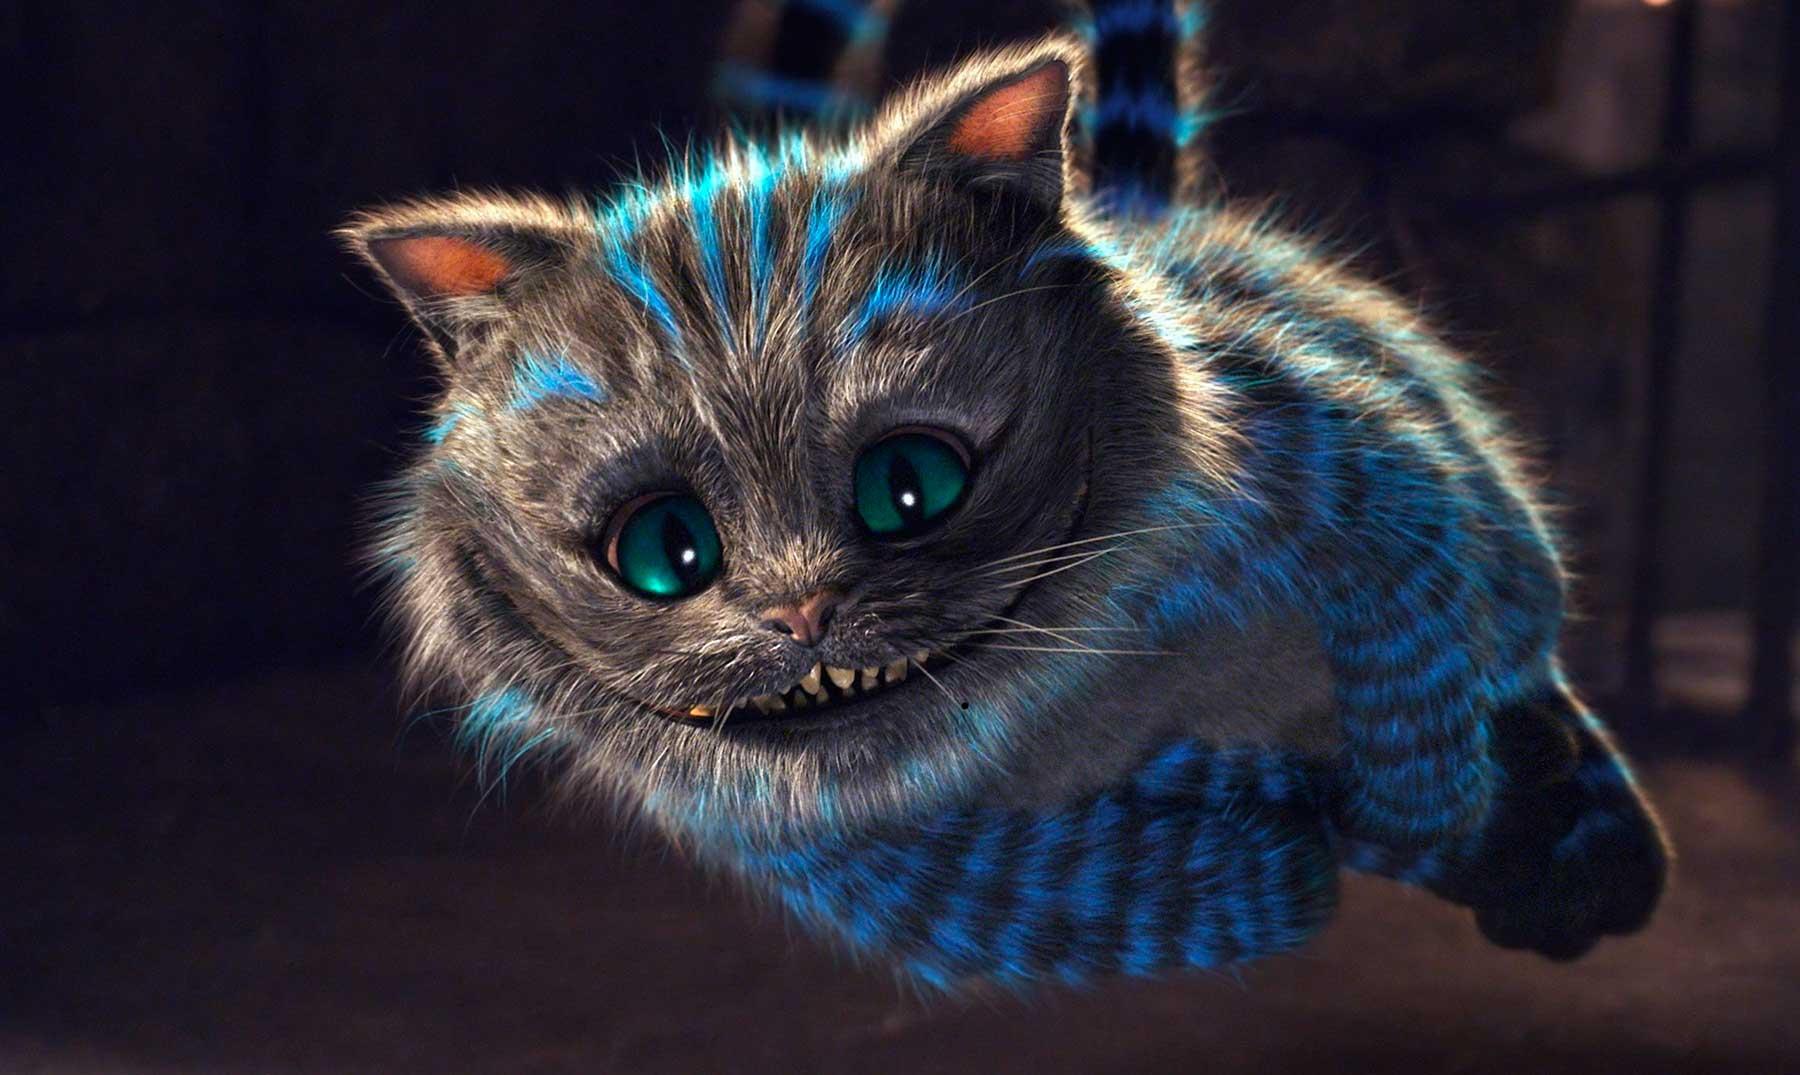 10 Frases Del Gato De Cheshire La Sonrisa Enigmática Con